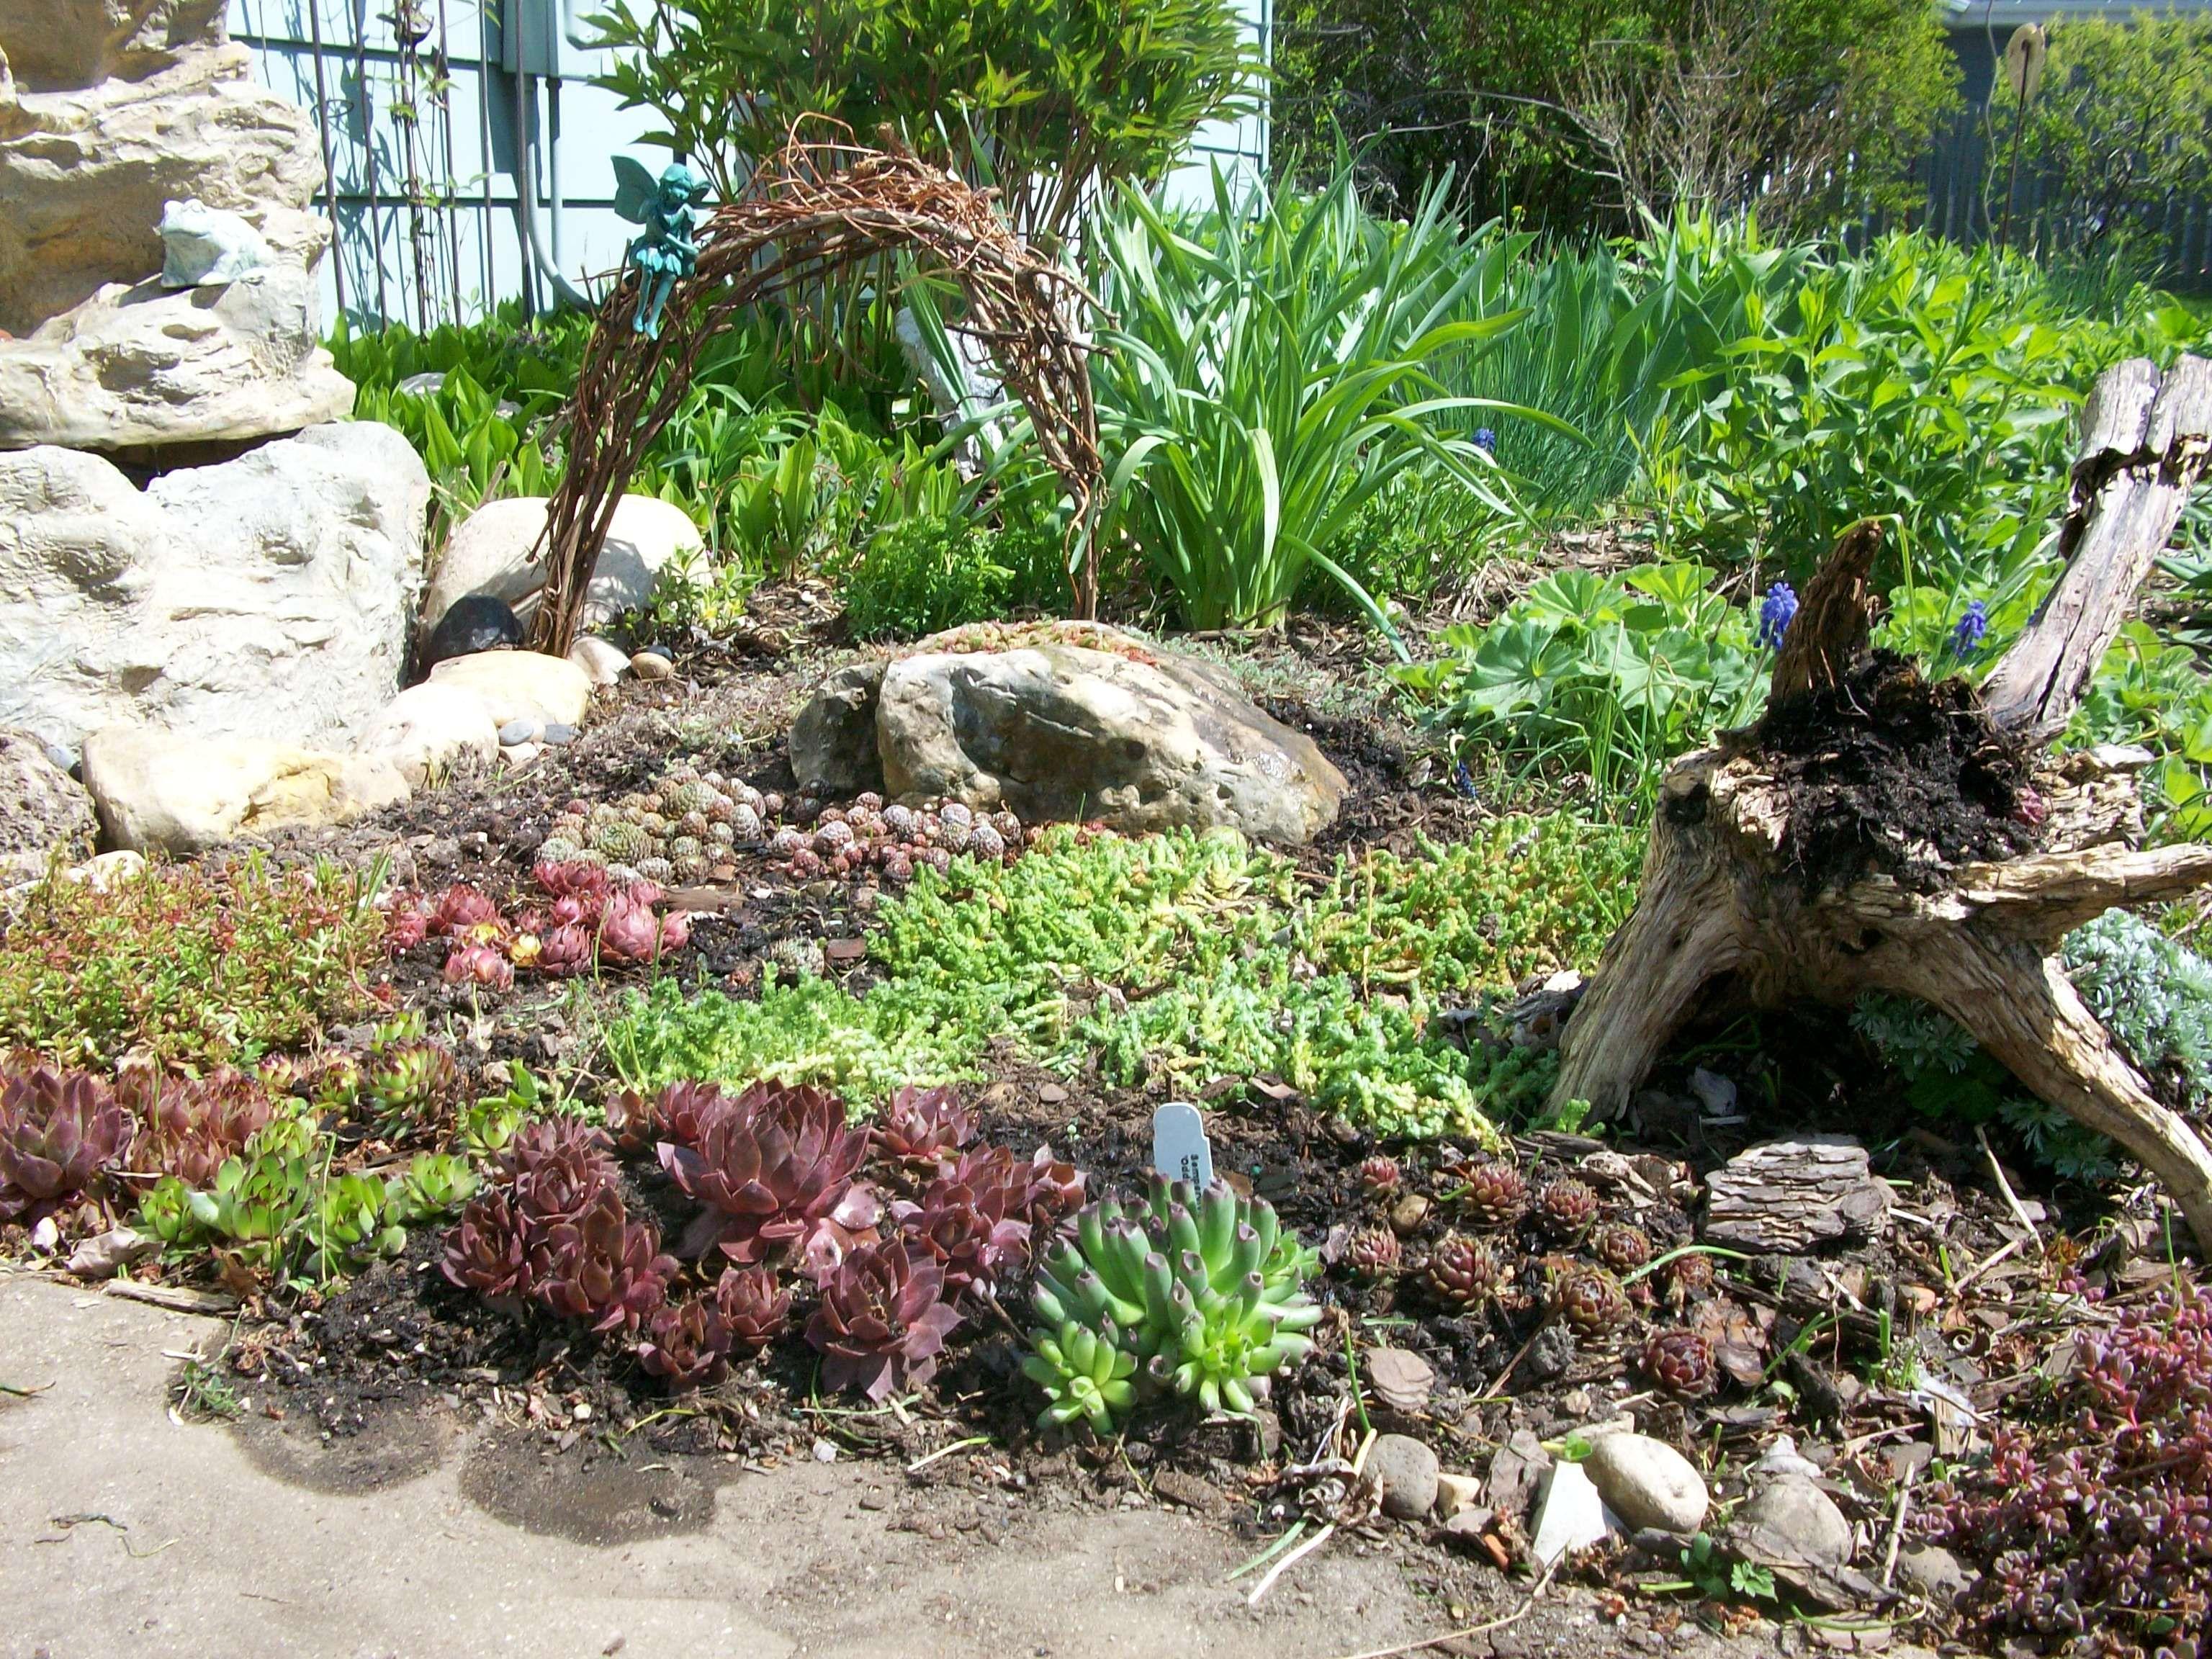 My mini rock garden | Small Spaces | Pinterest | Gardens, Garden ...